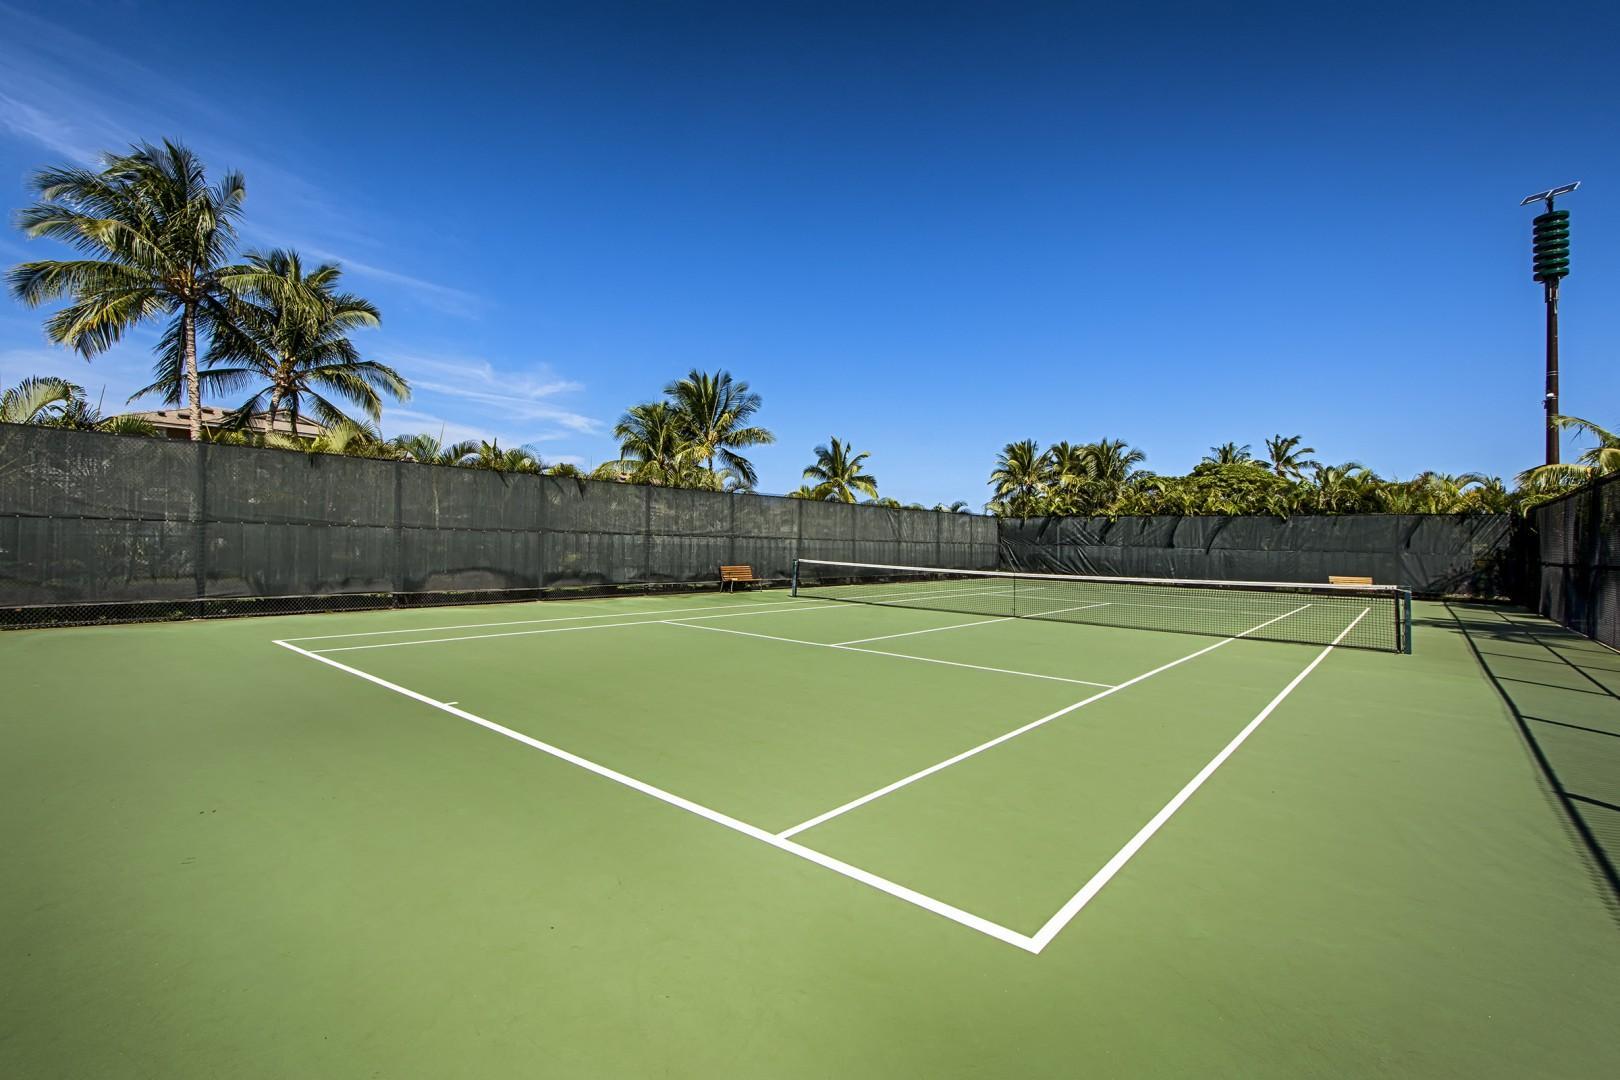 Hali'i Kai tennis courts.